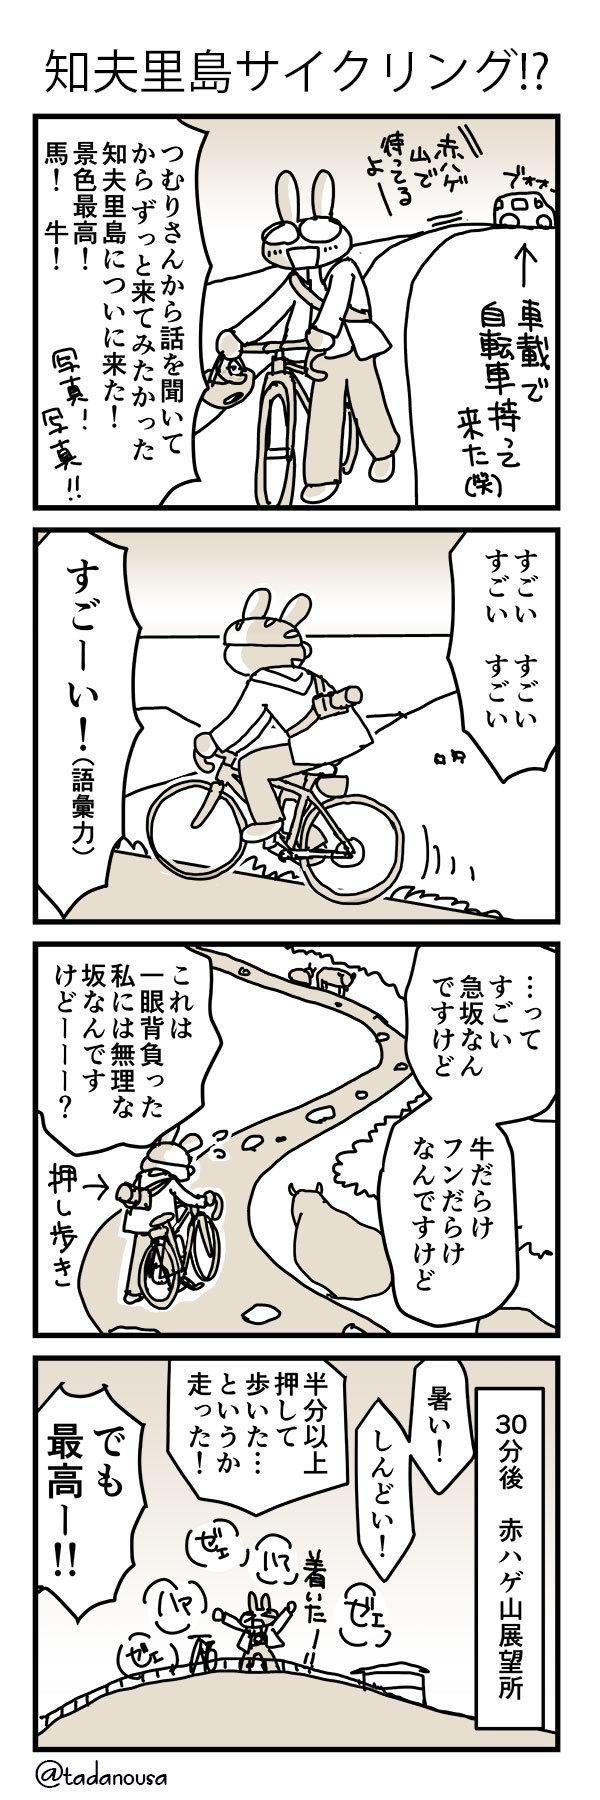 知夫里島サイクリング?1